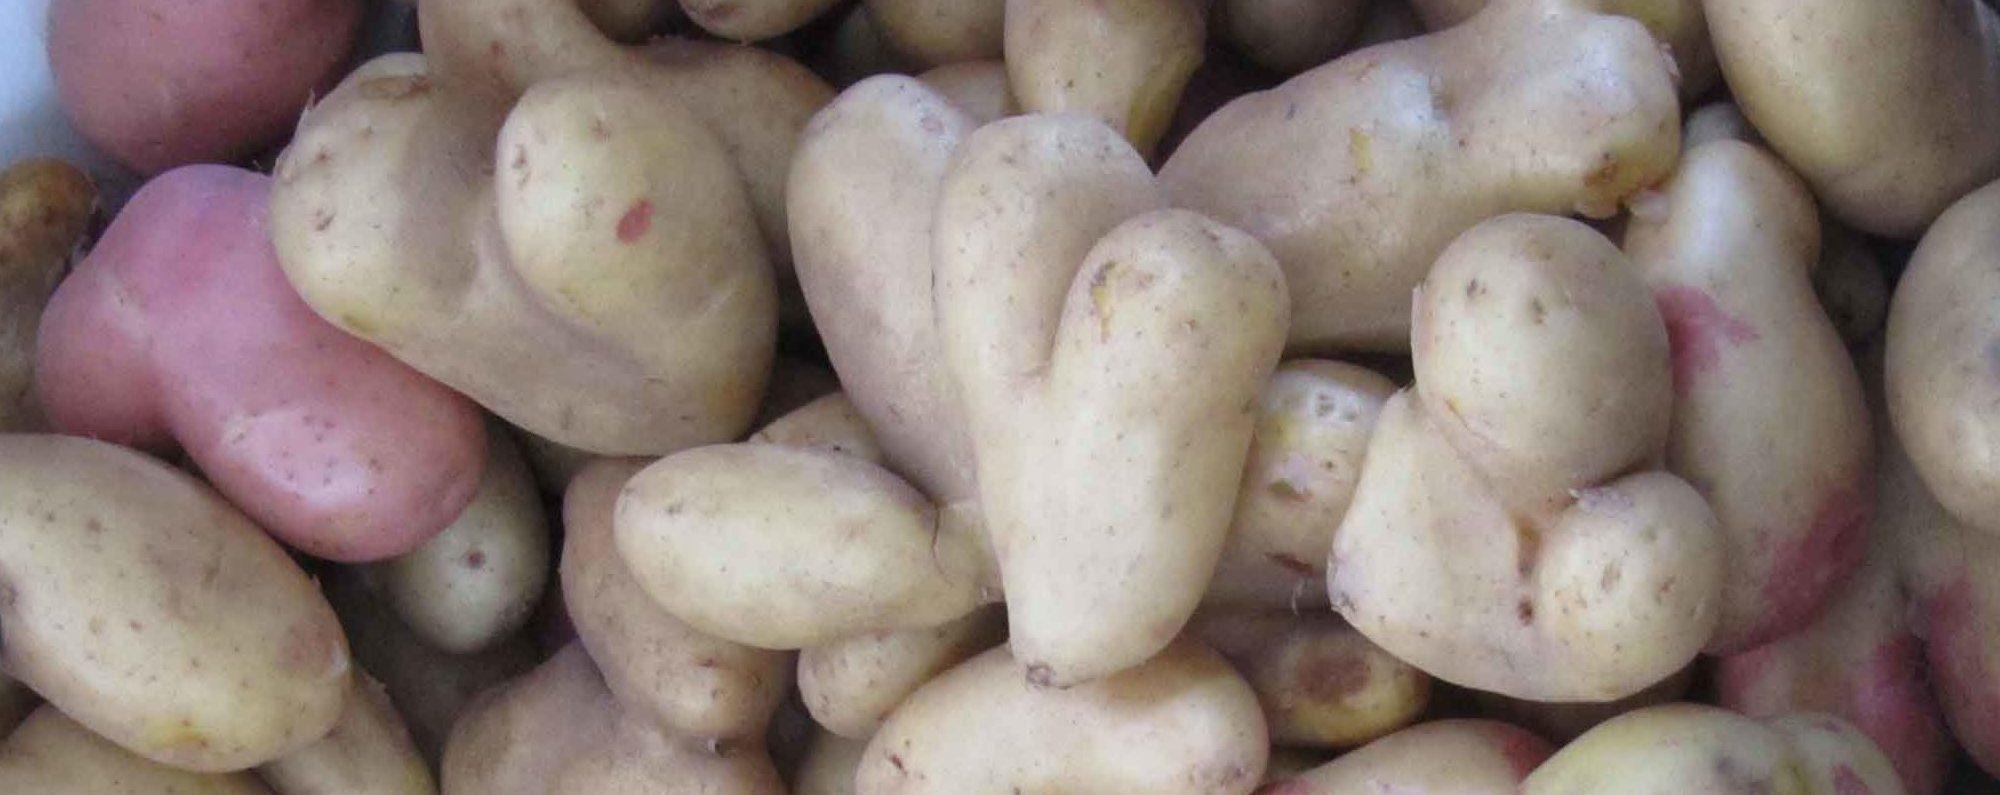 Jordvetaren potatis potatoe